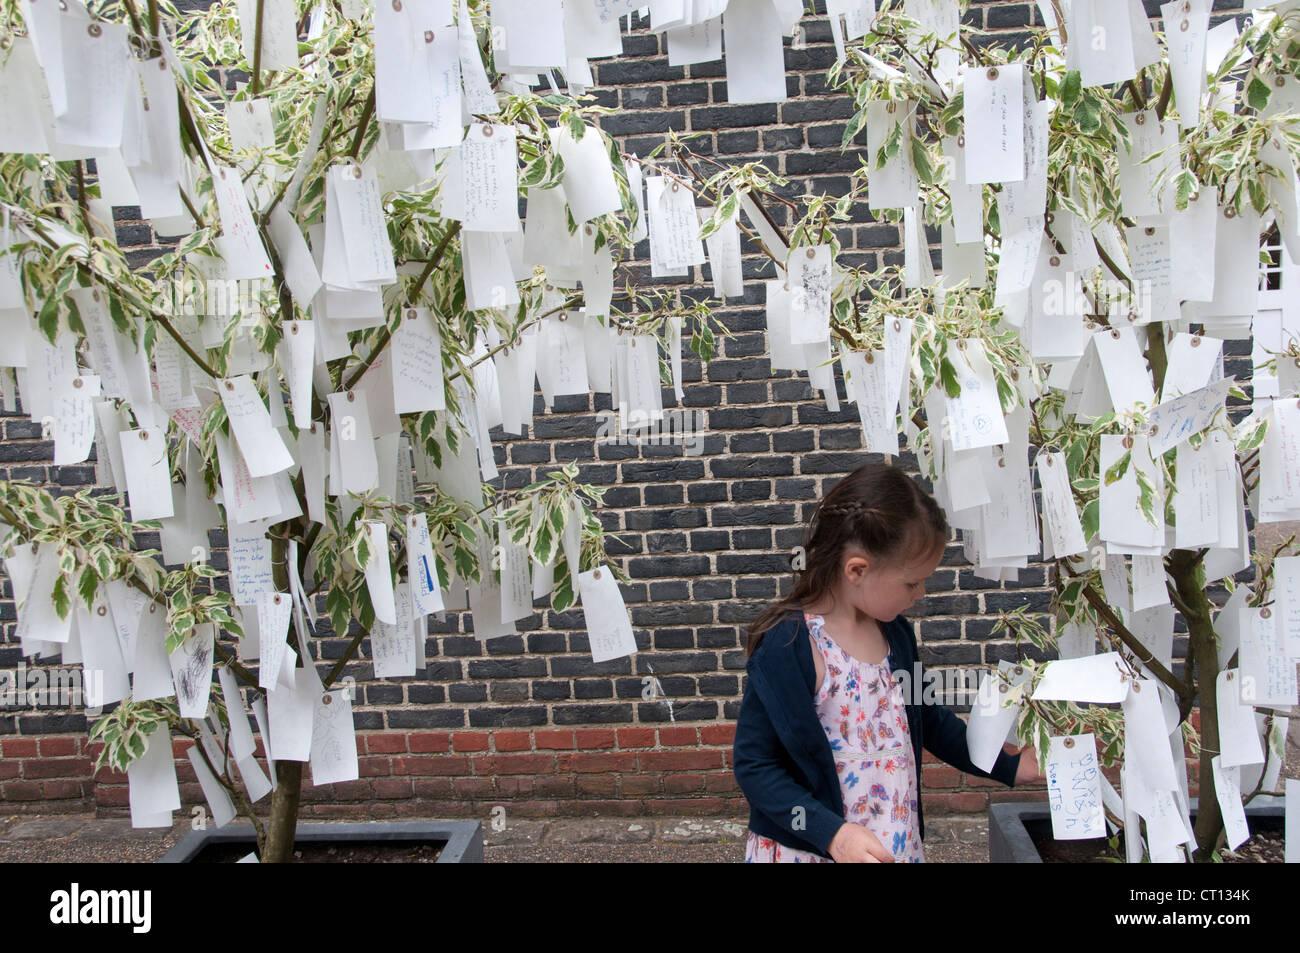 Serpentine Gallery - arbre des désirs par Yoko Ono - enfant l'examen des étiquettes avec des souhaits écrits sur eux Banque D'Images